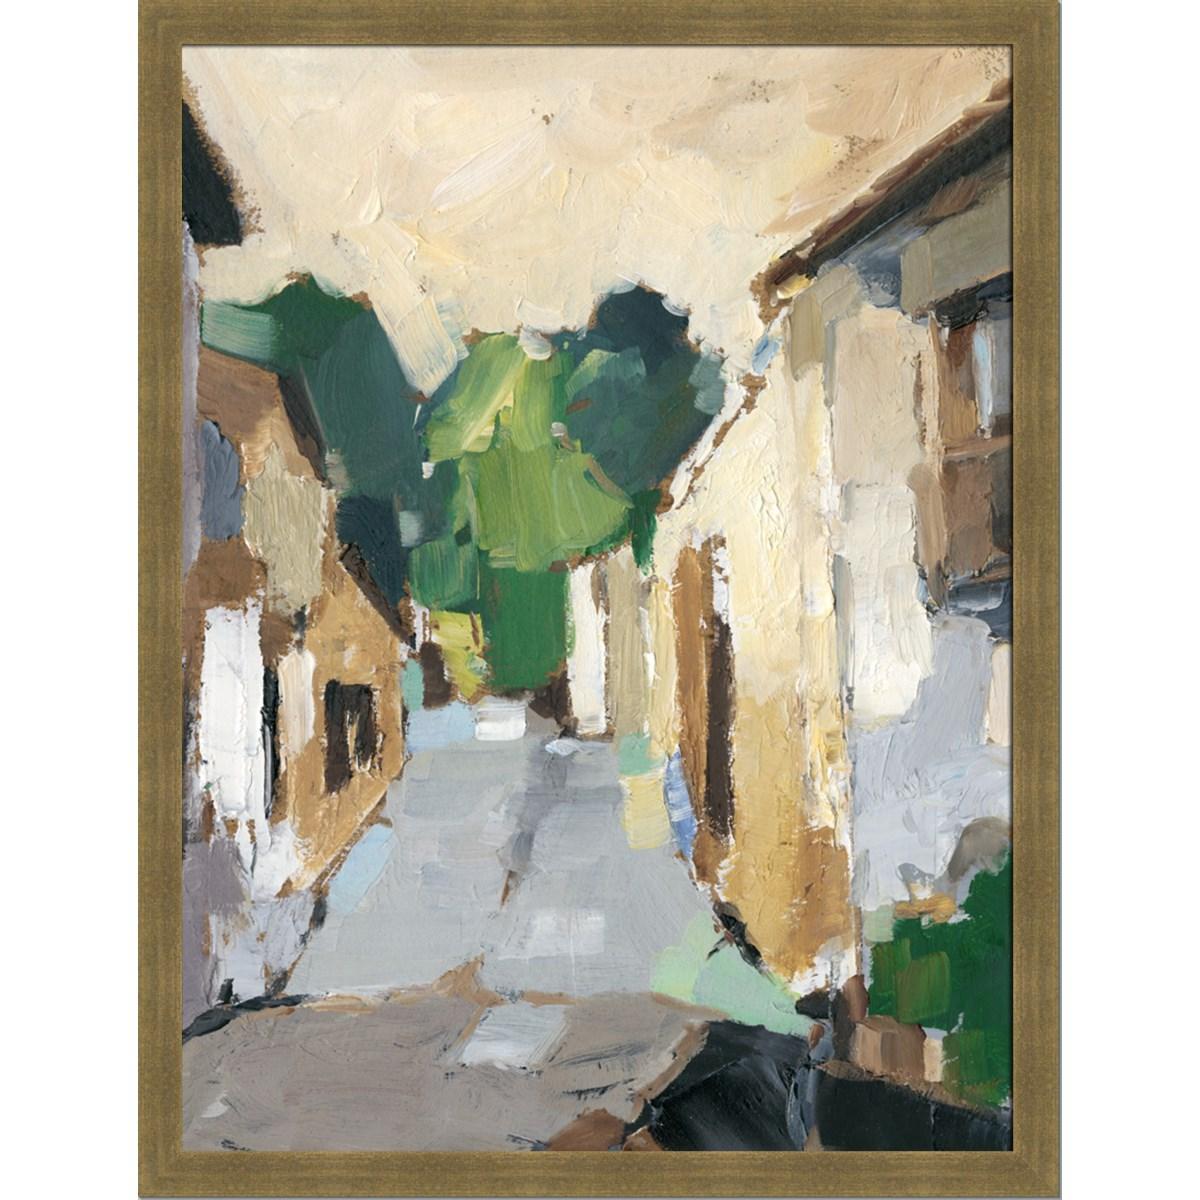 VILLAGE STREETS I (framed)